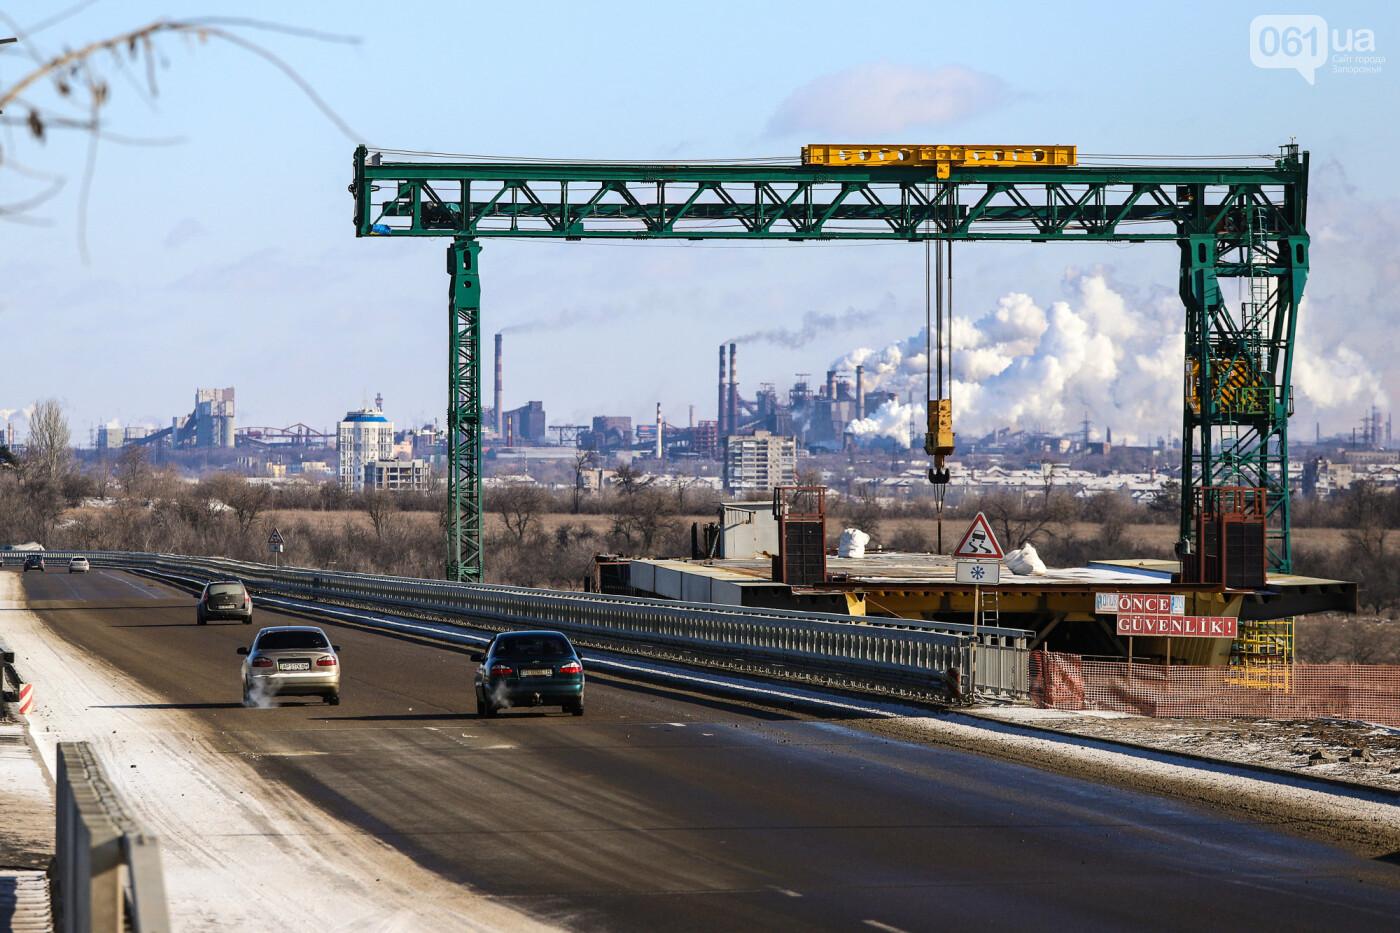 Кран с иностранной пропиской, ванты и металл: строительство запорожских мостов в фотографиях, фото-30